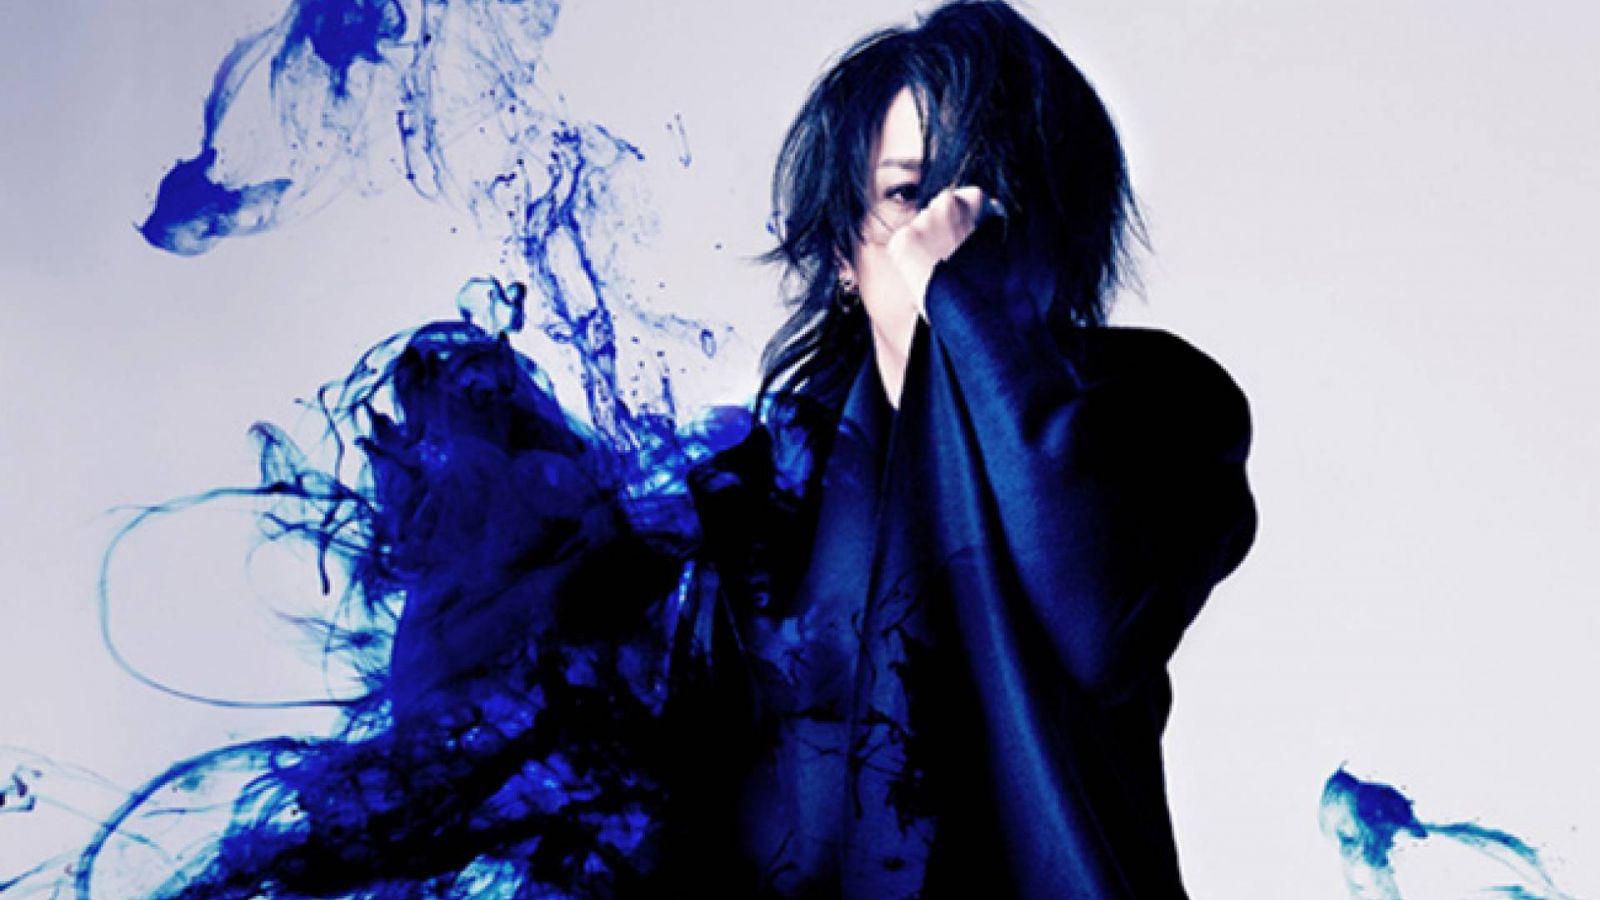 Primer single solista de AKi © DANGER CRUE RECORDS. All Rights Reserved